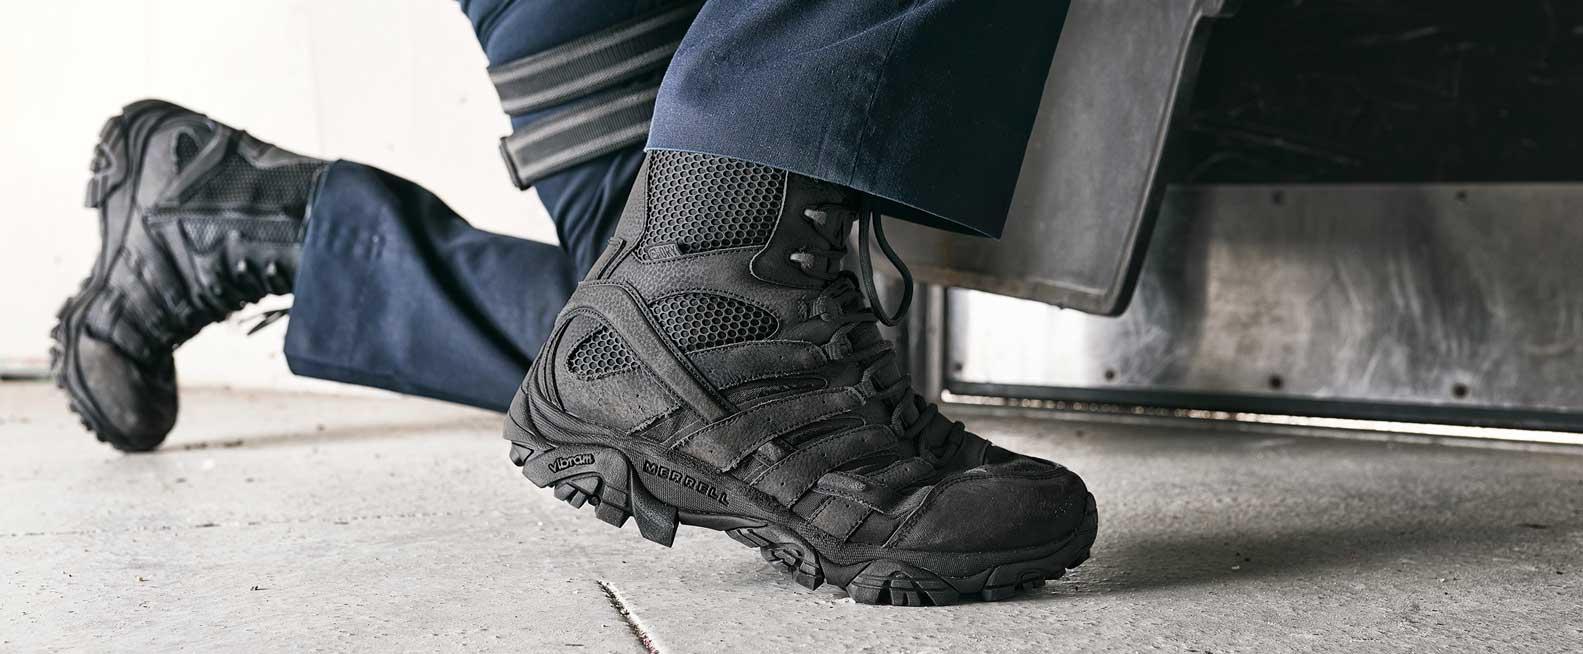 017f5c6a65d Men's Black Tactical Boots   Merrell